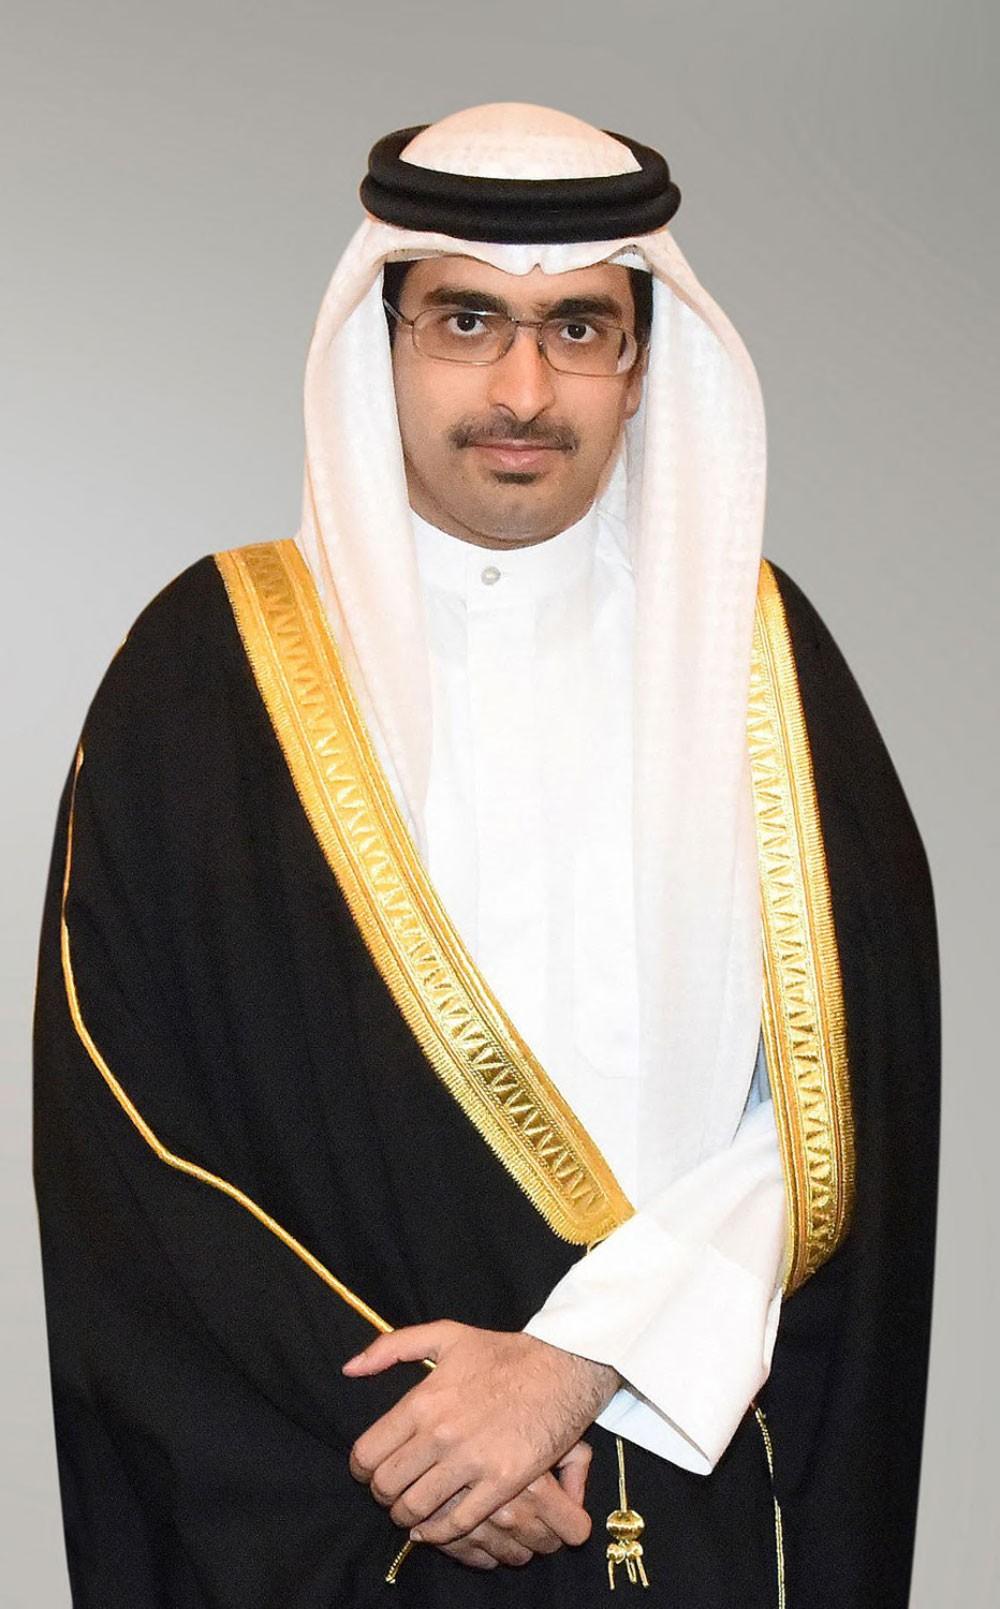 سمو محافظ الجنوبية: توجيه سمو رئيس الوزراء لمركز صحي في مدينة خليفة أدخل البهجة على الأهالي